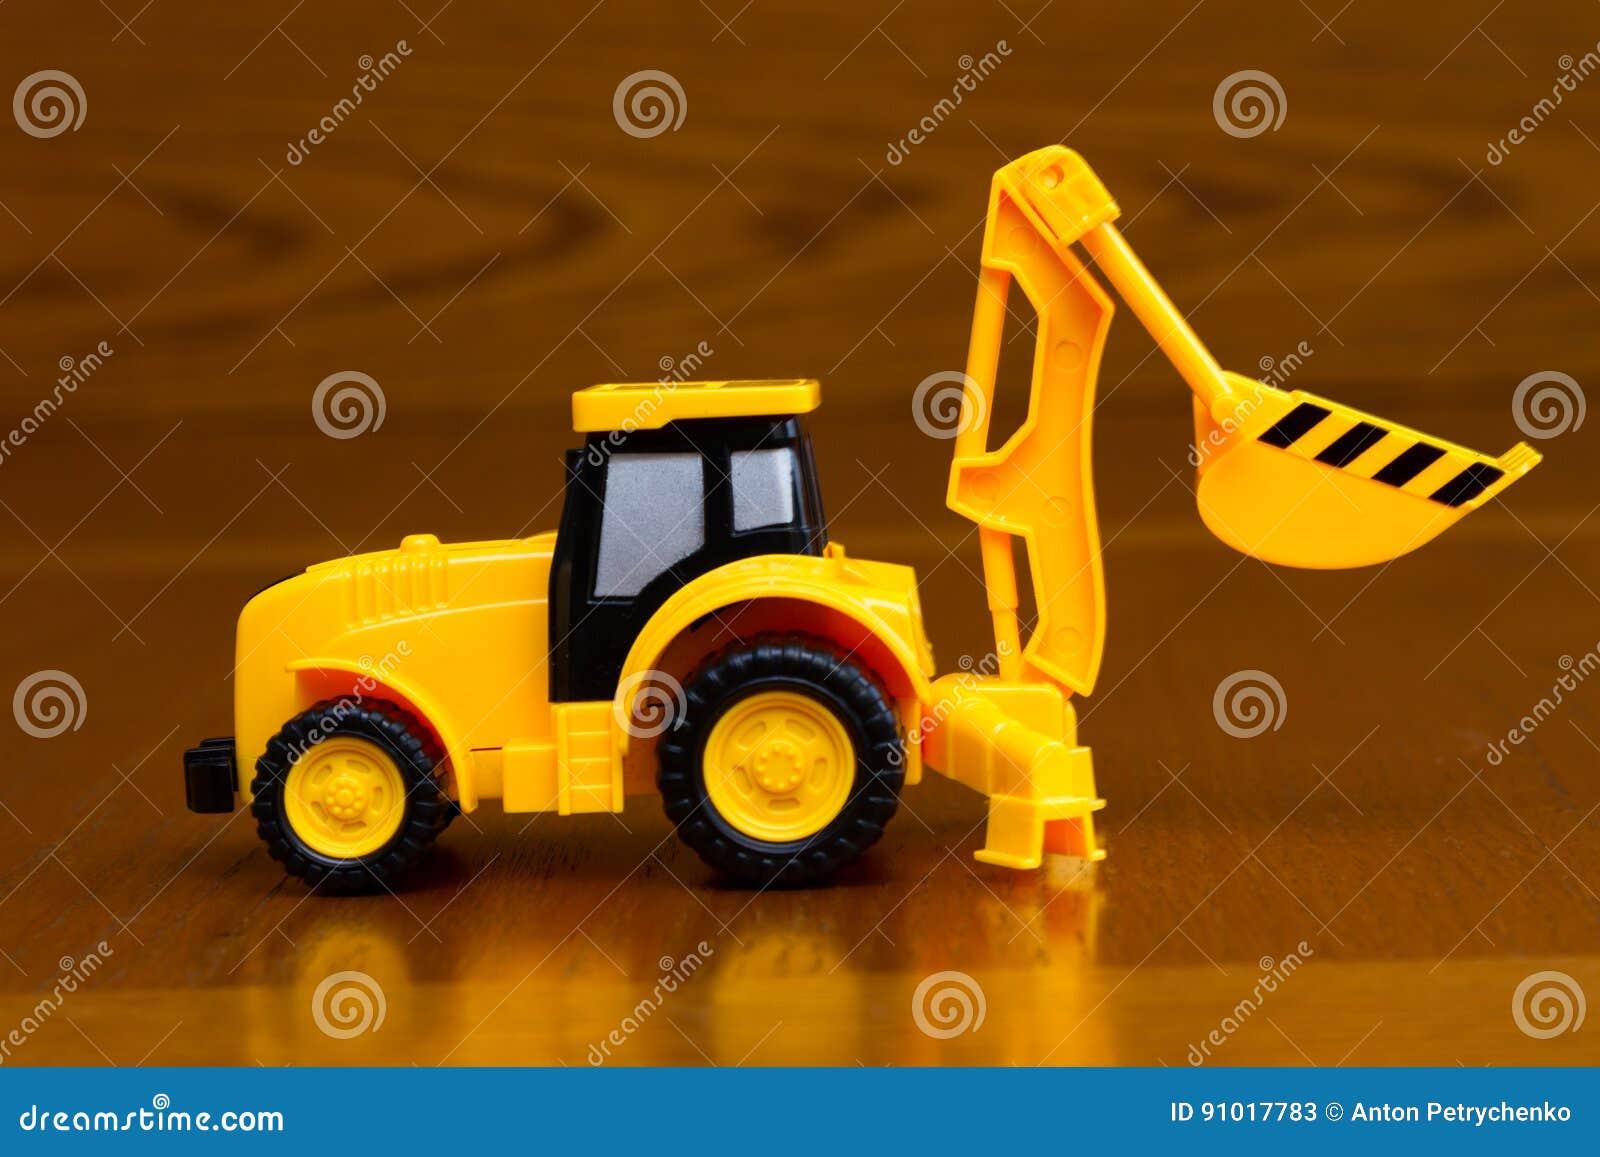 Fond de tracteur de construction de jouet